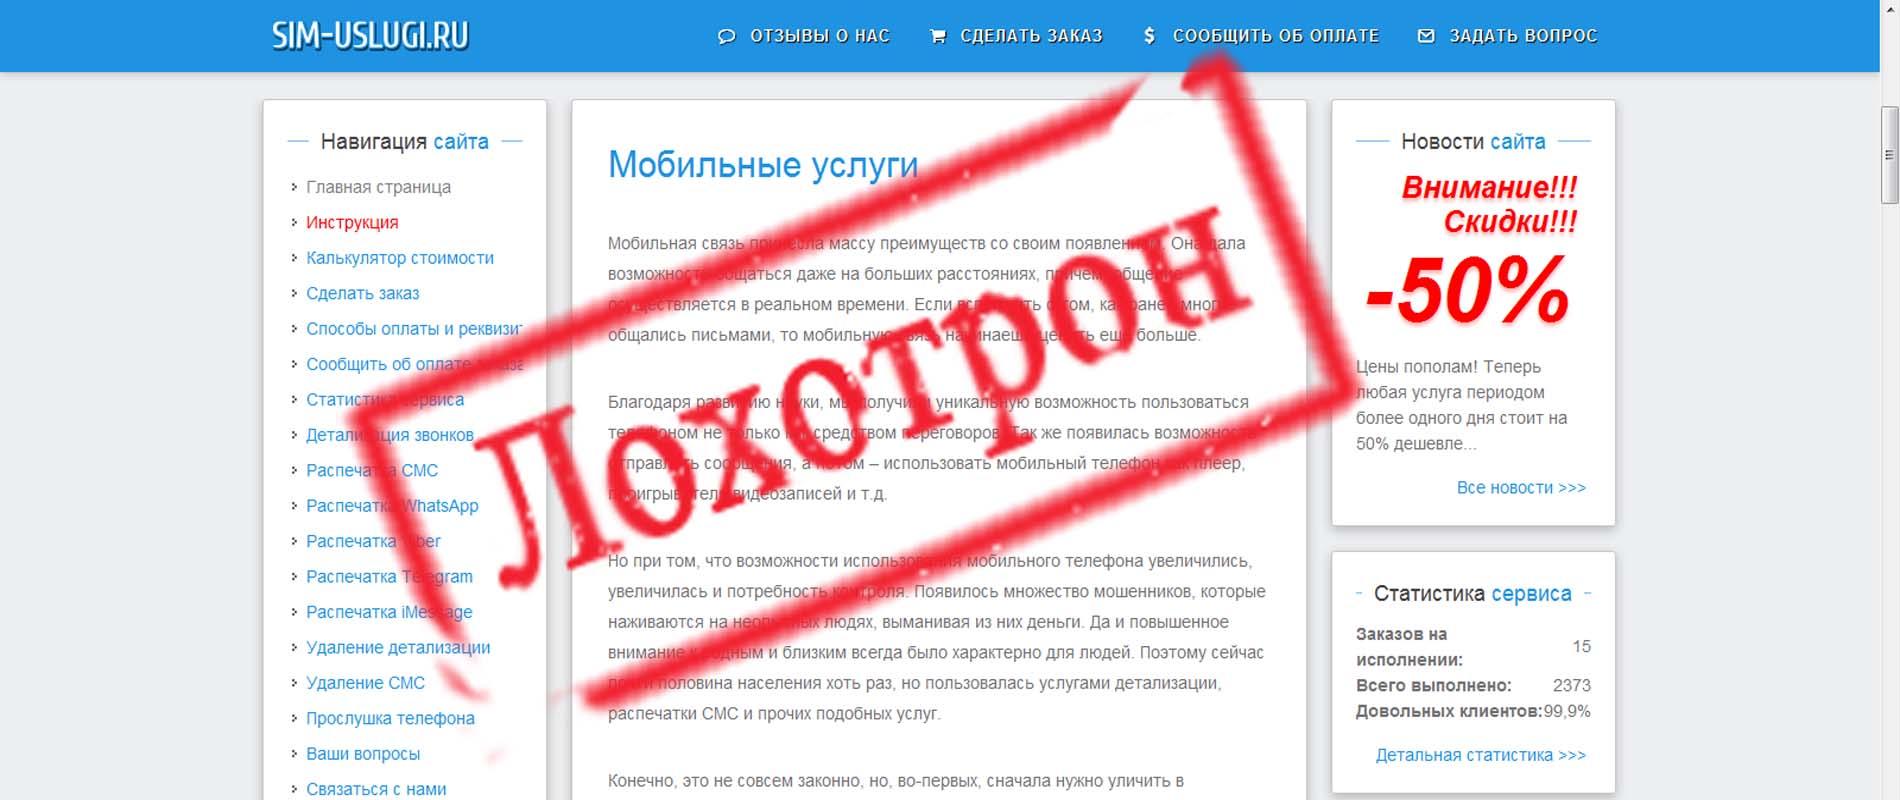 sim-uslugi.ru лохотрон